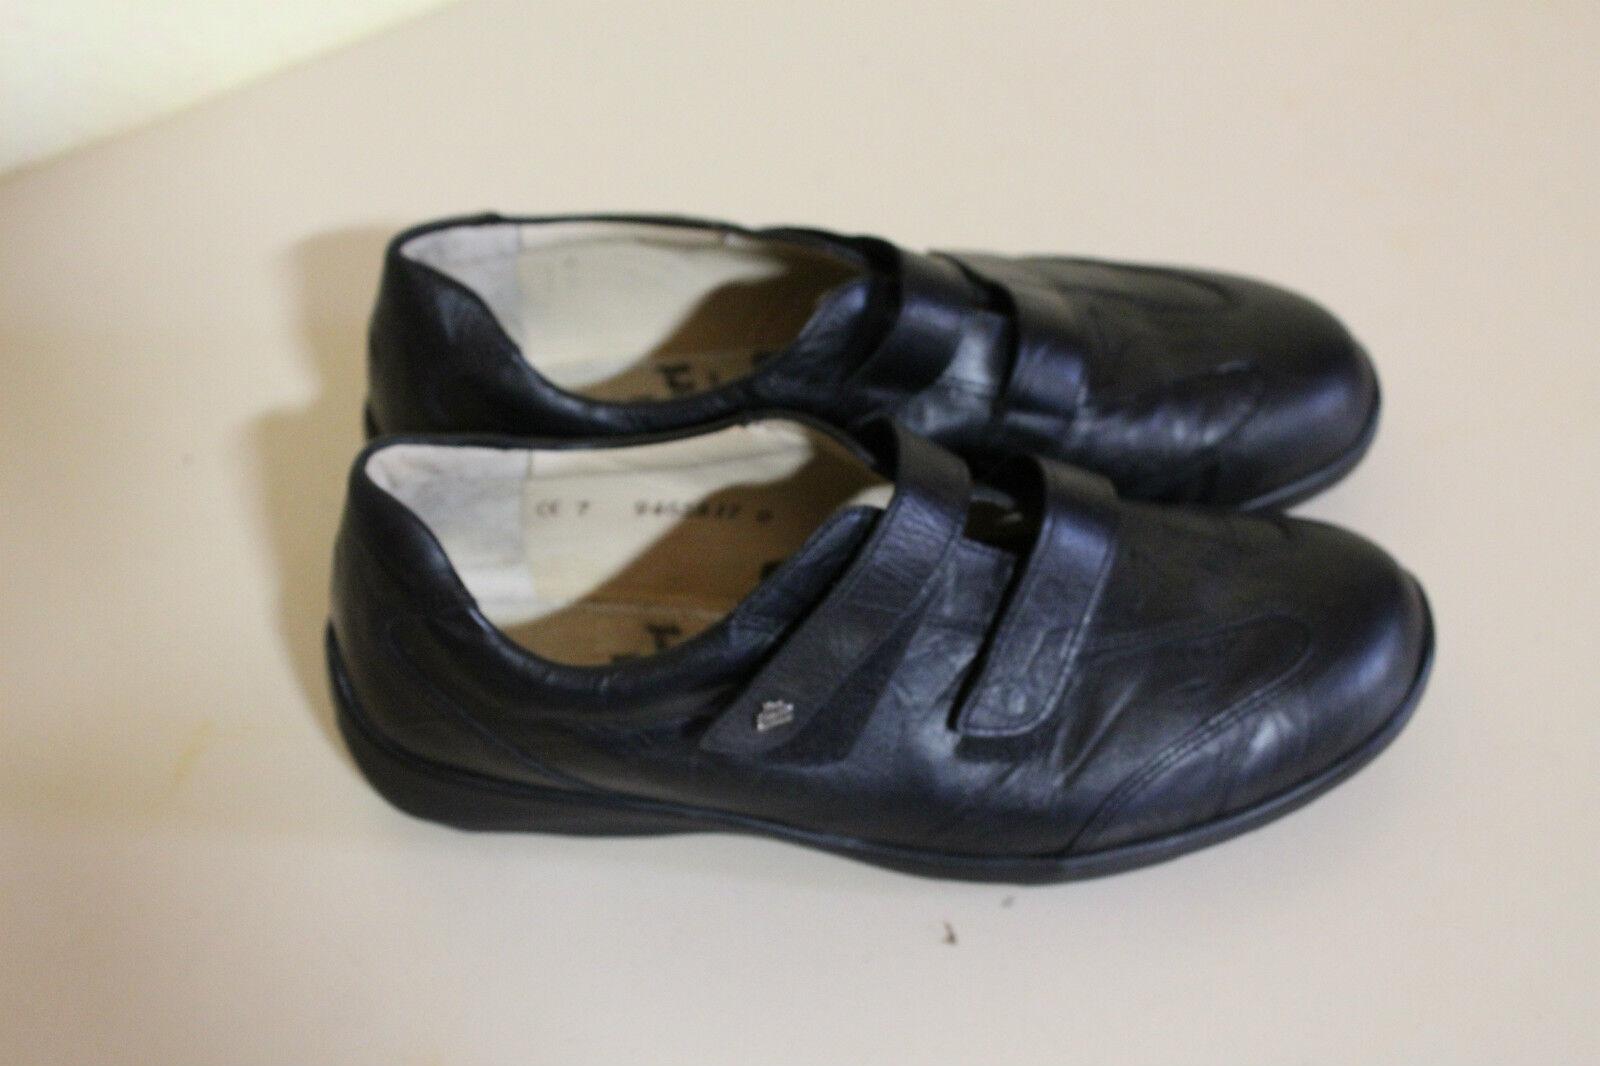 Finn Comfort Schuhe ohne Einlegesohlen Damen Gr.40,sehr guter Zustand